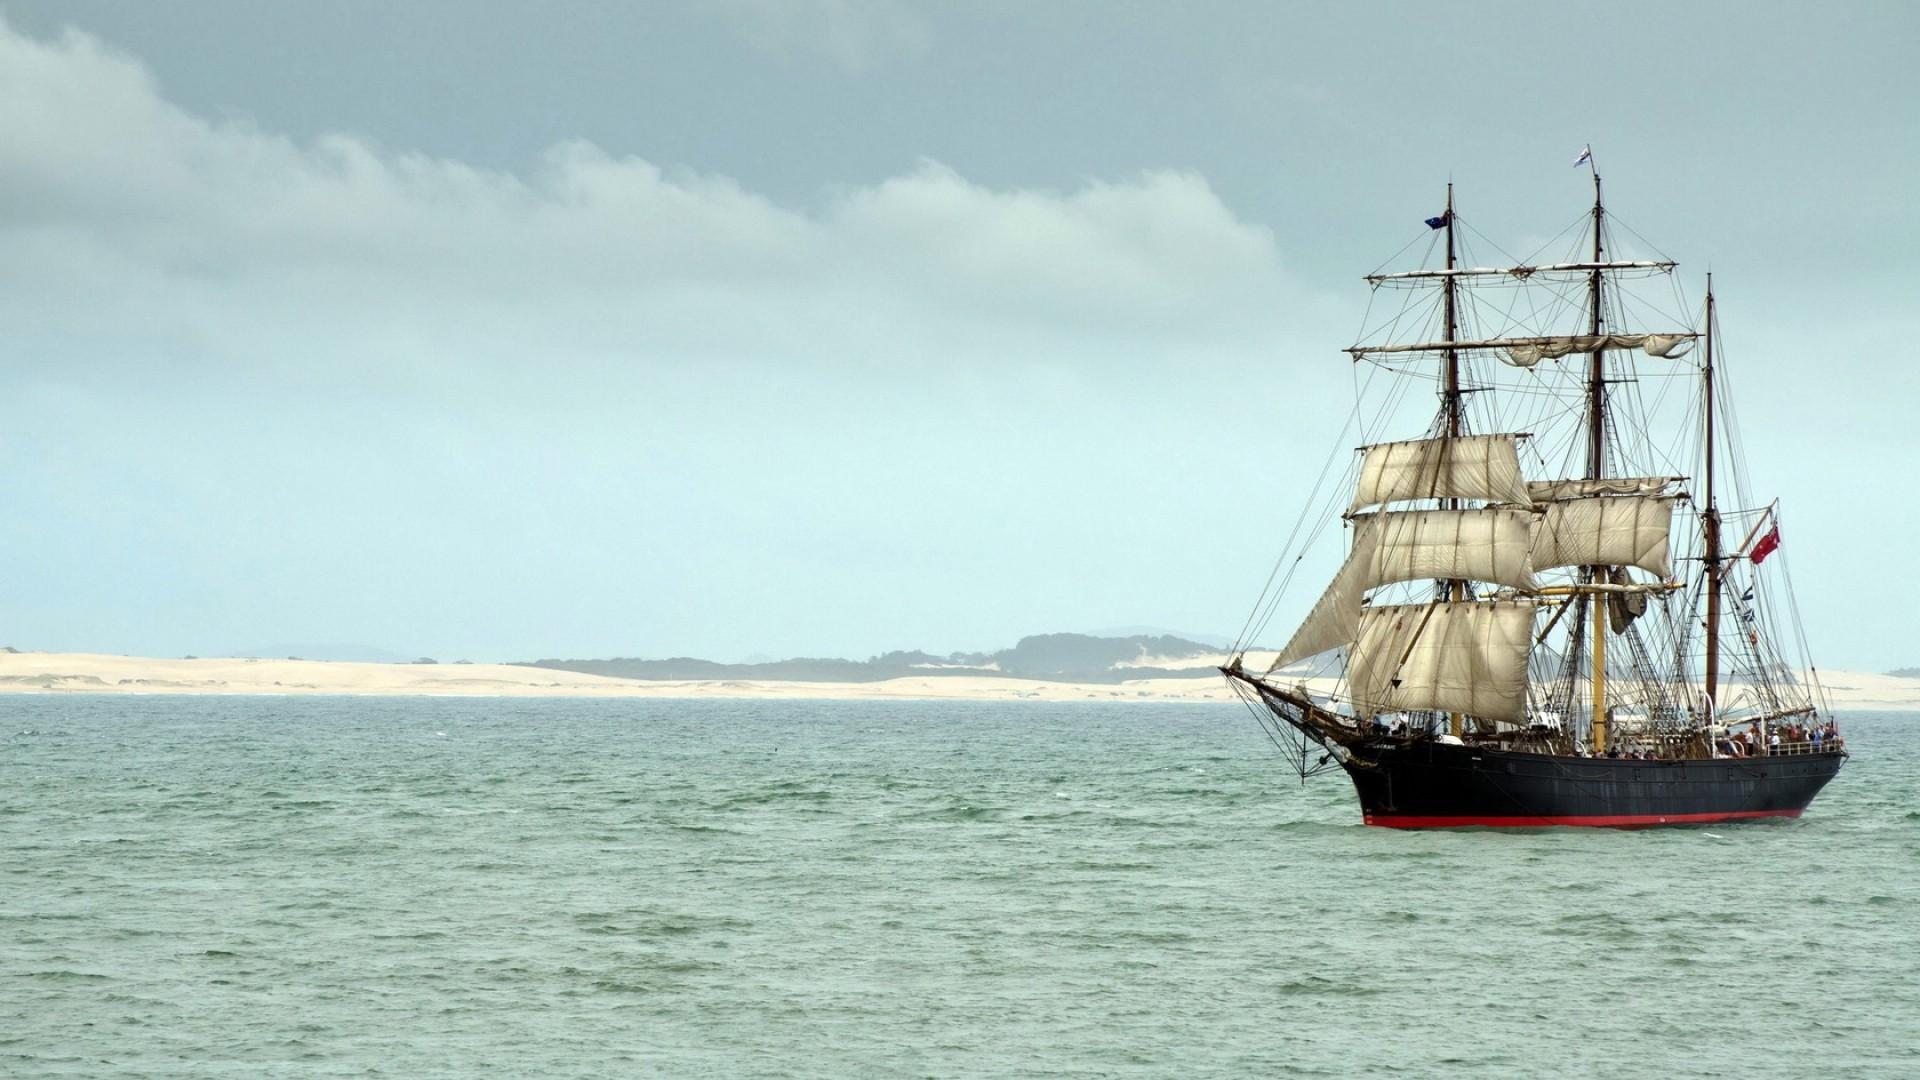 ship, sails, sea